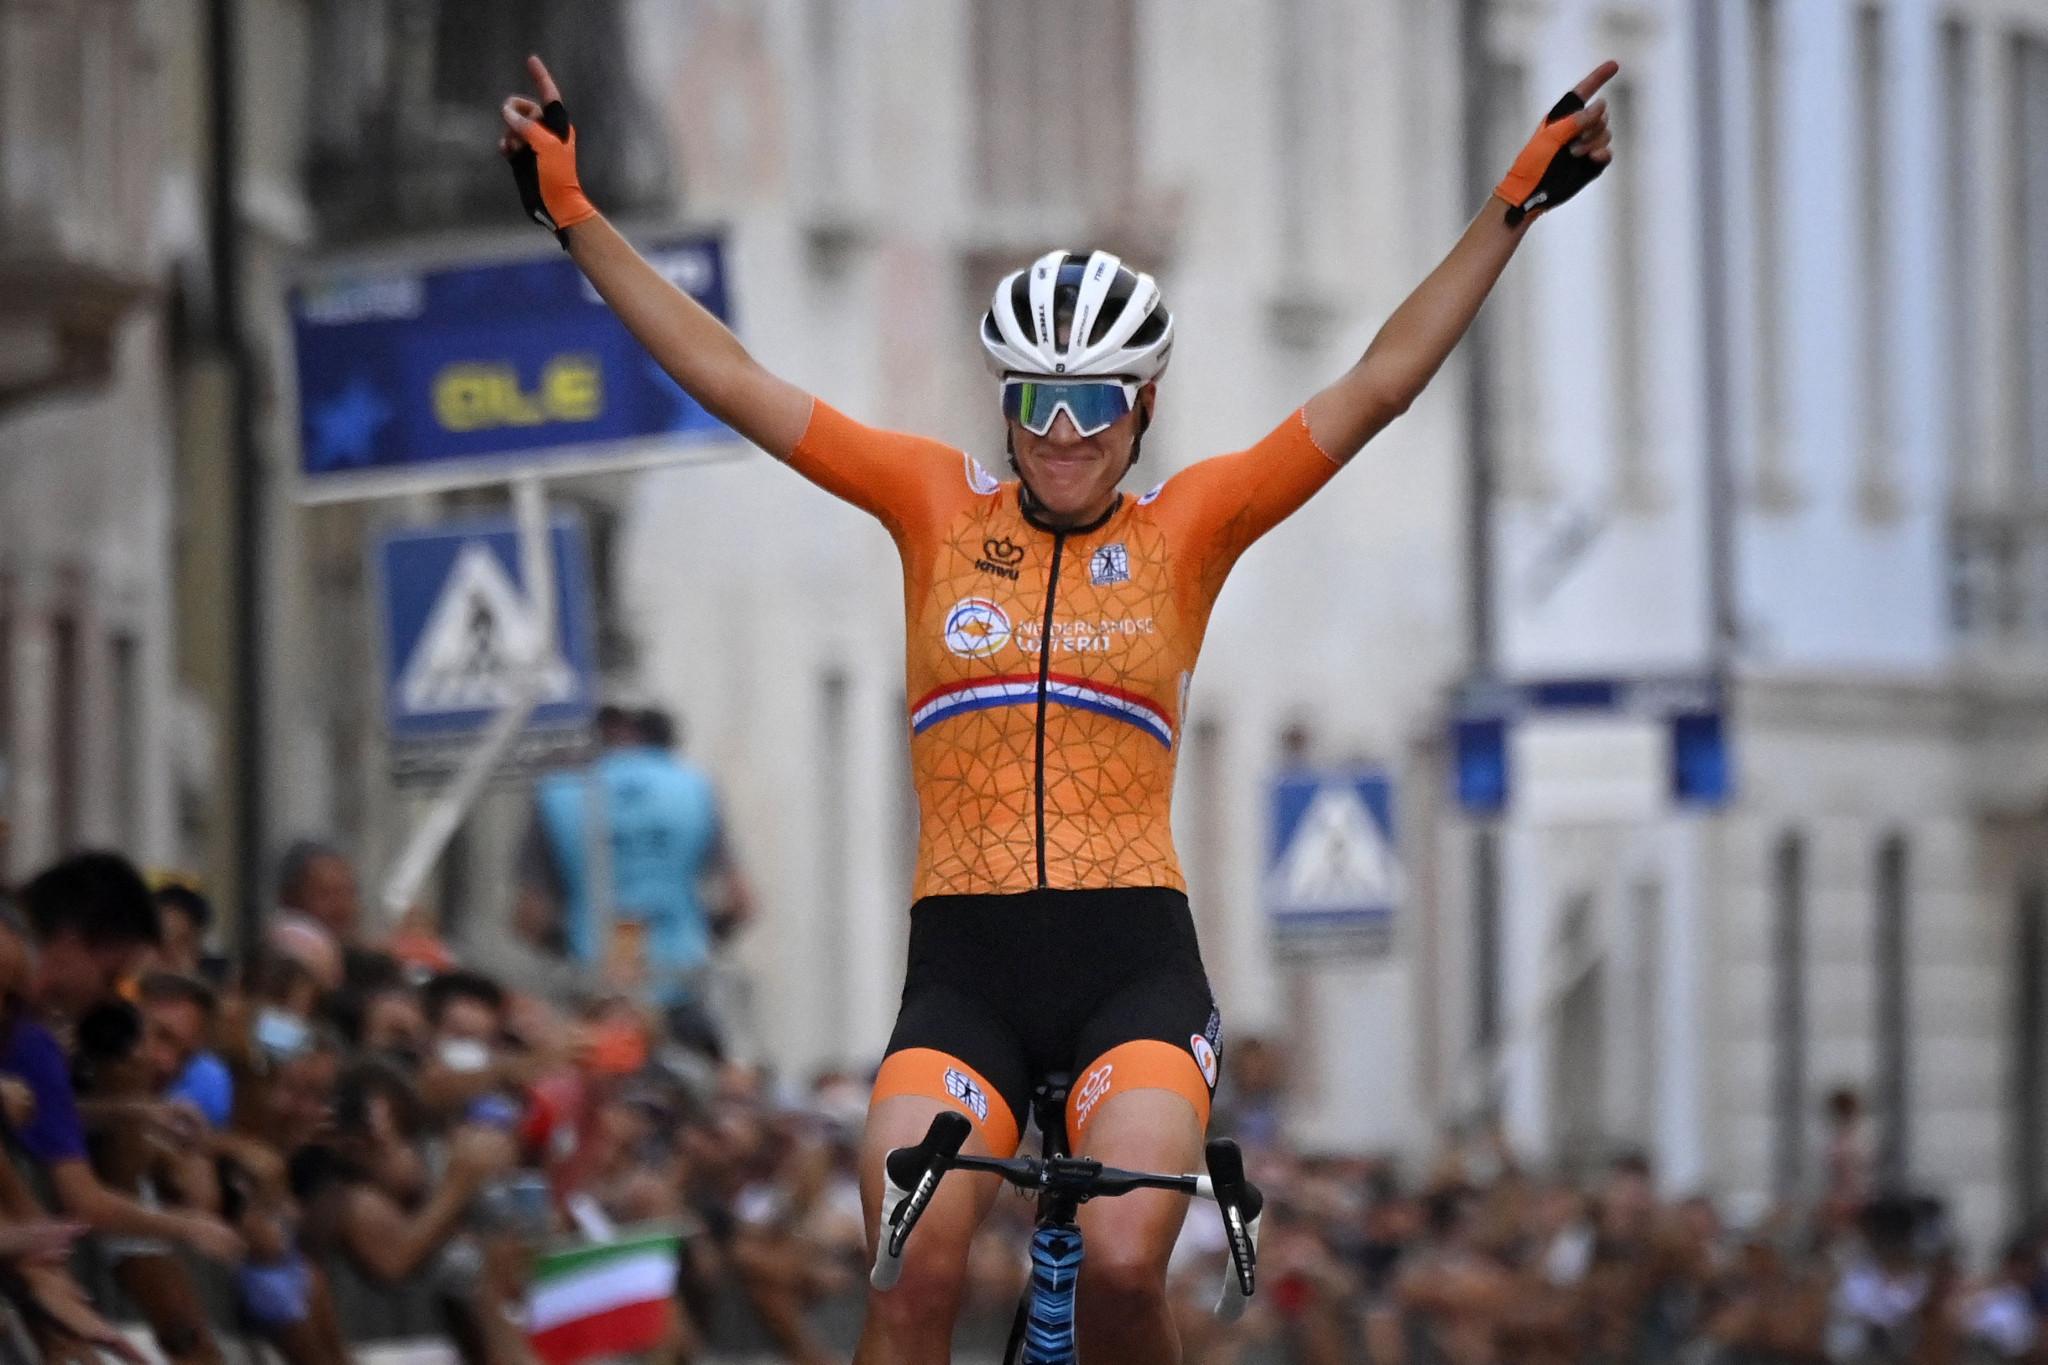 Van Dijk continues Dutch women's road race domination at UEC Road Championships